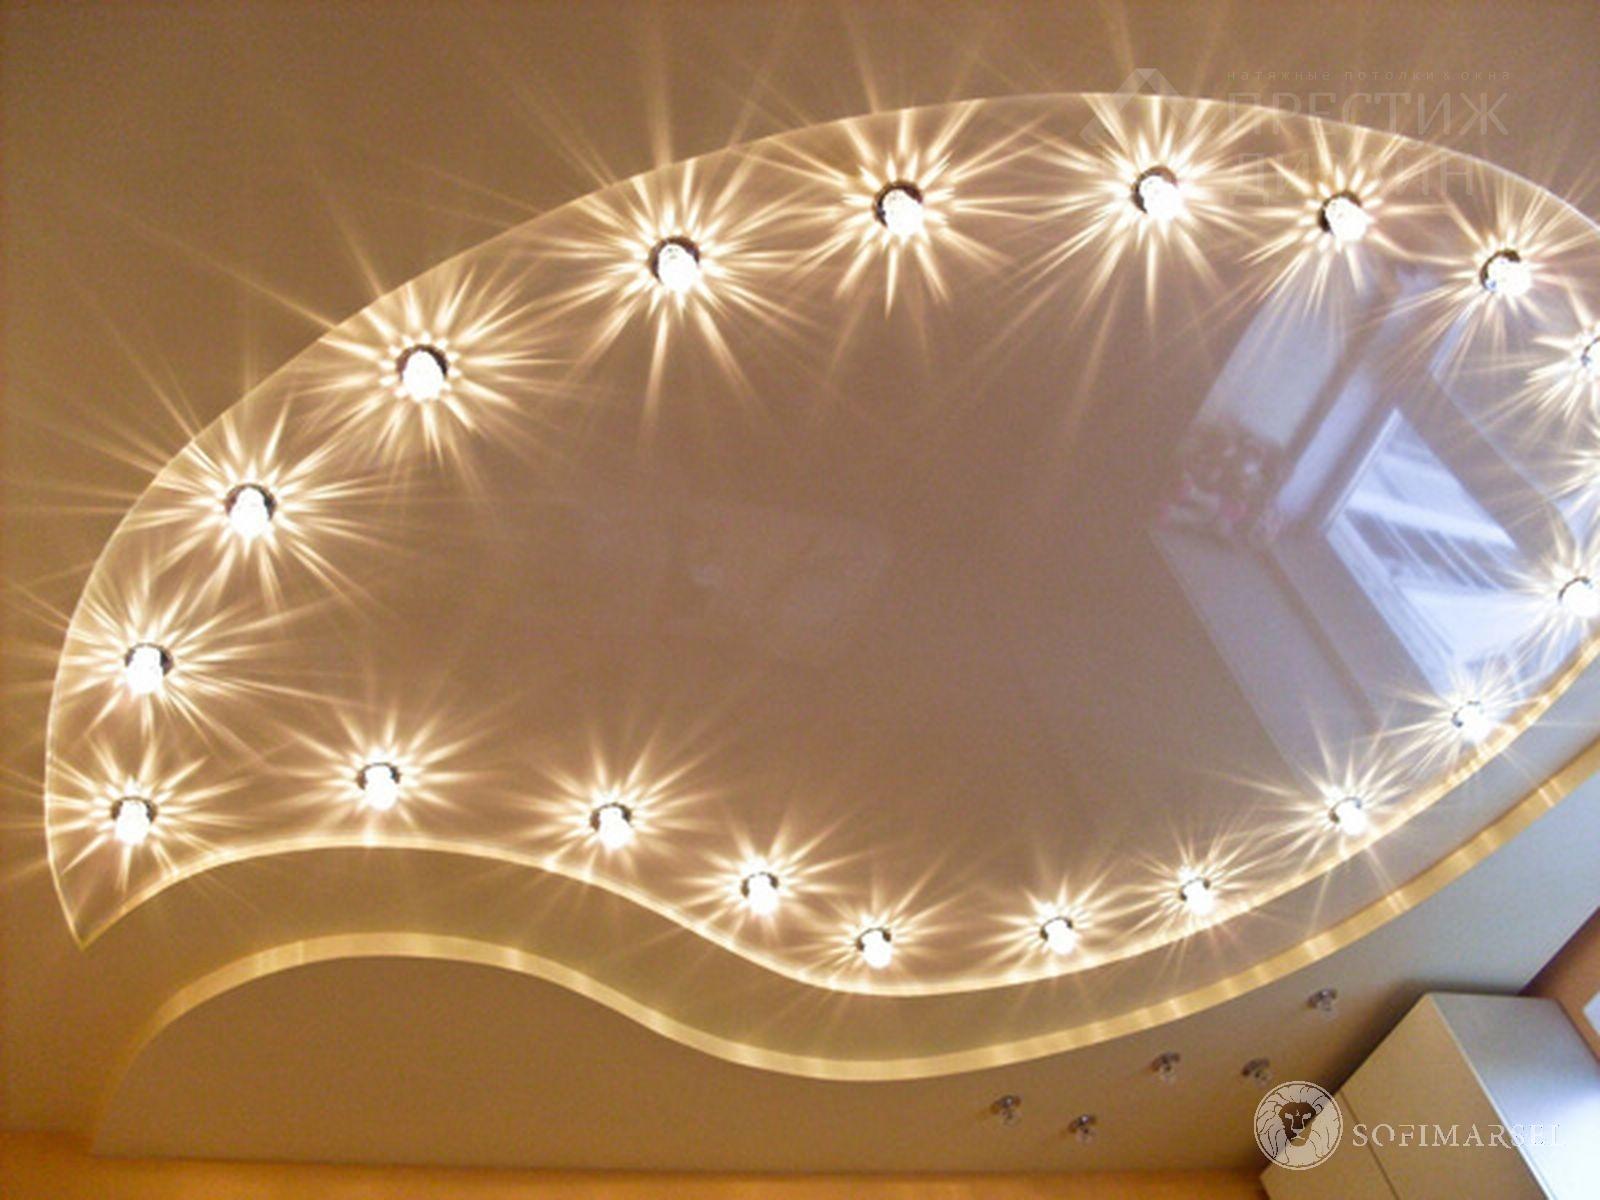 09 Erstaunlich Sternenhimmel An Der Decke Dekorationen